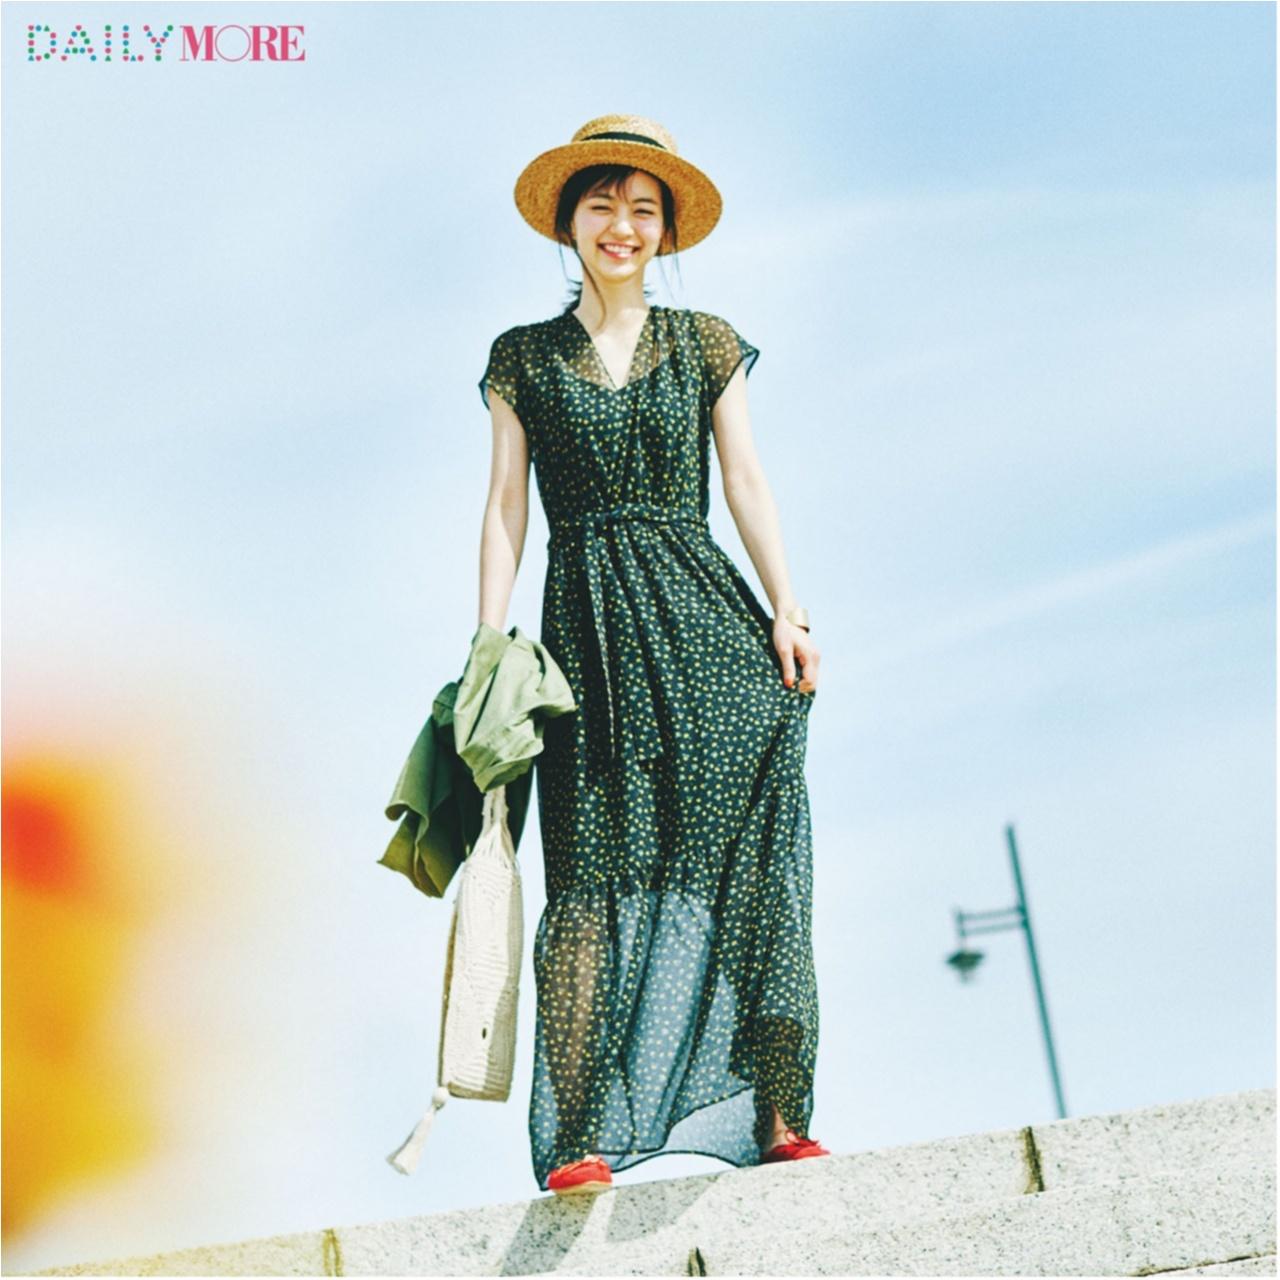 楽してかわいく夏らしく♪ 「サマードレス」コーデまとめ♡_1_11